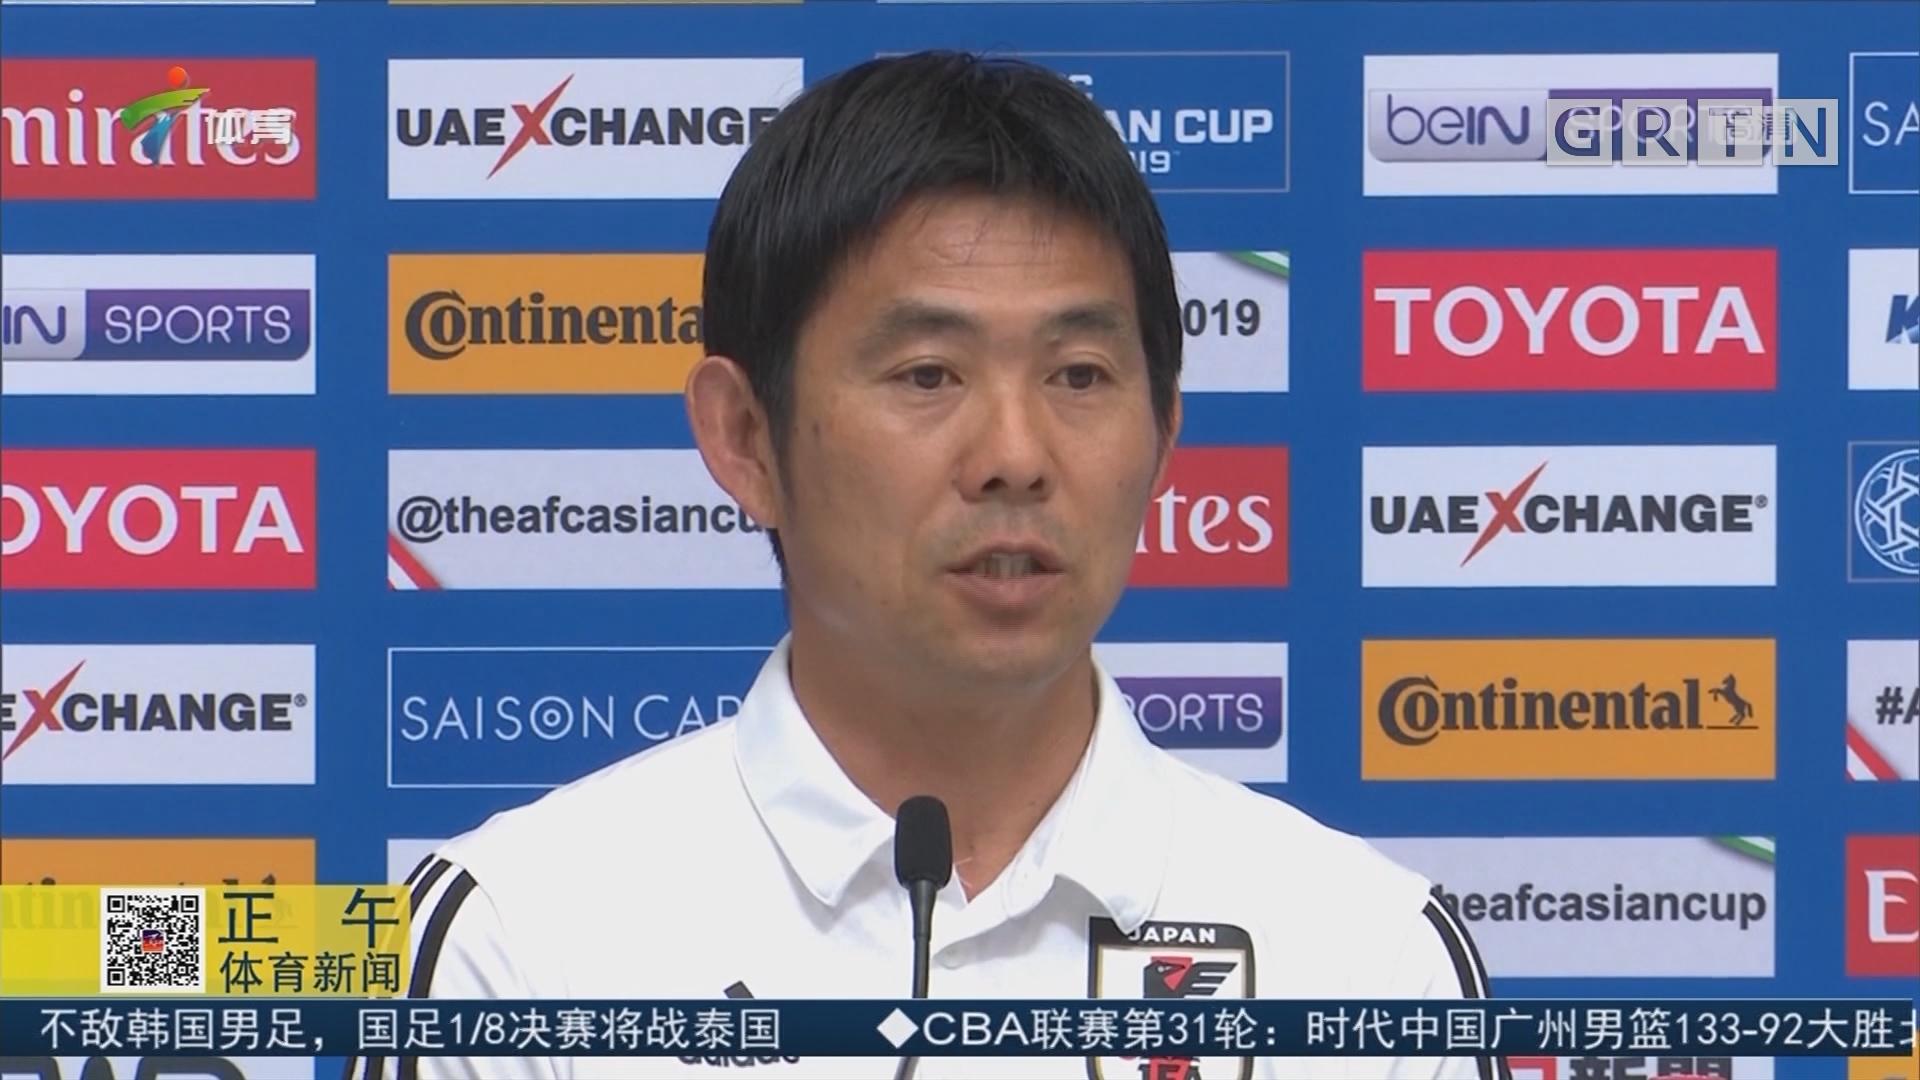 卡塔尔、日本分头出击 力争小组第一